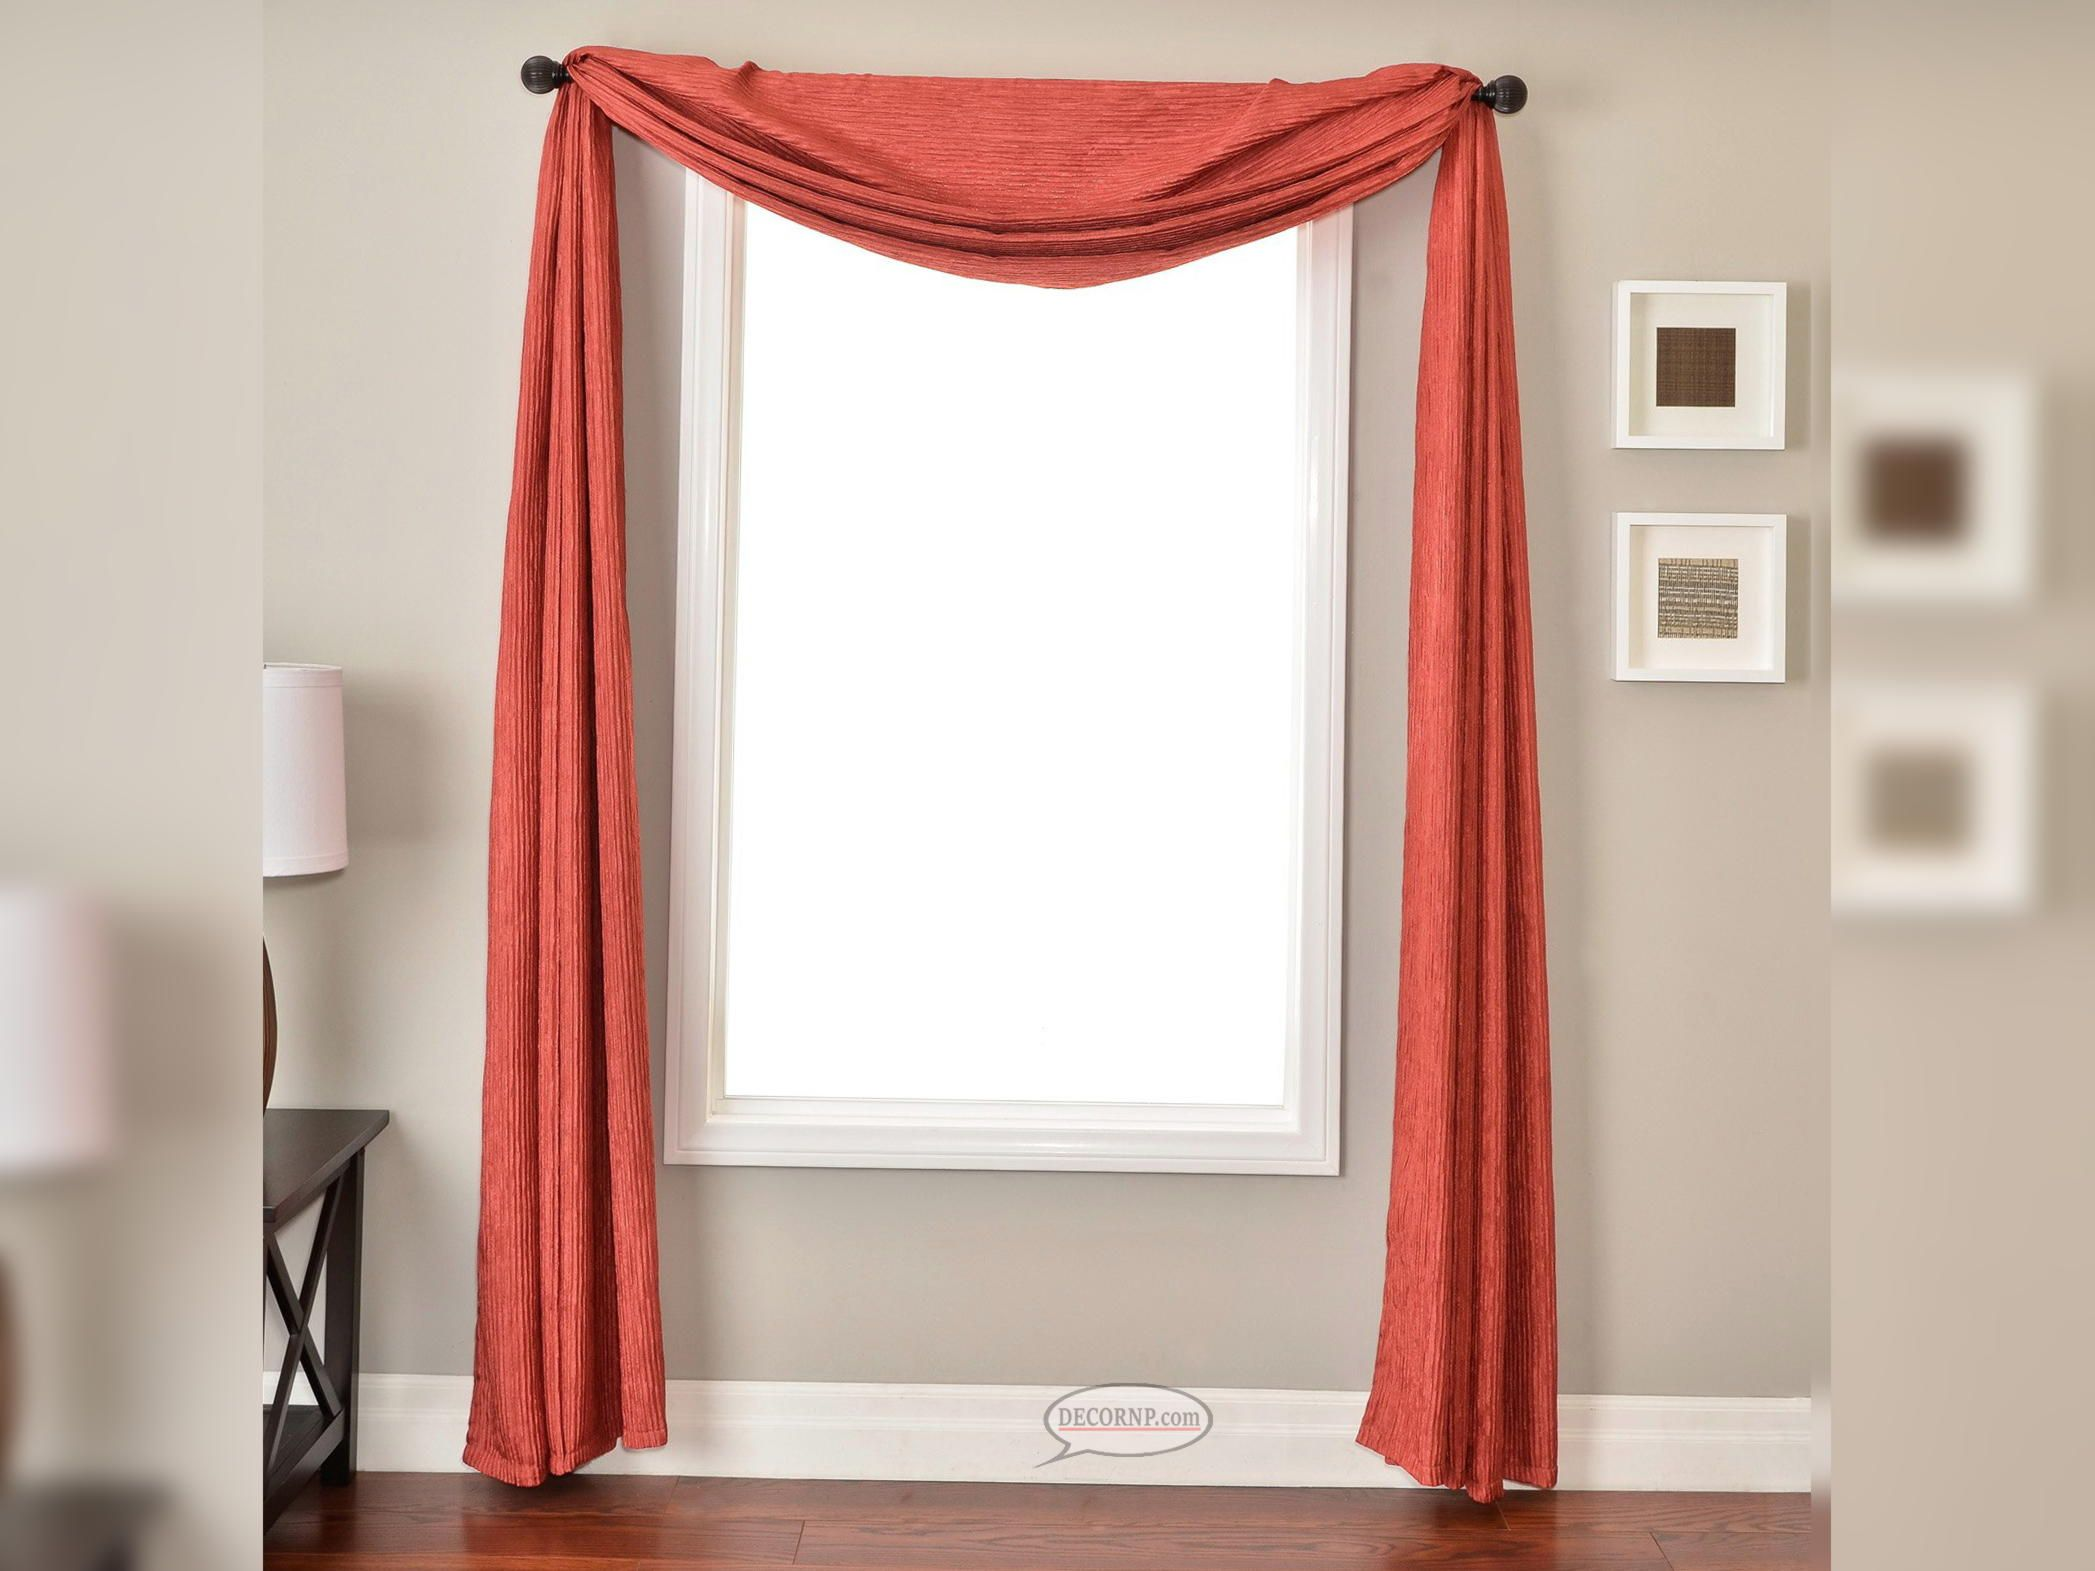 Latest Best Modern Window Curtains 2019